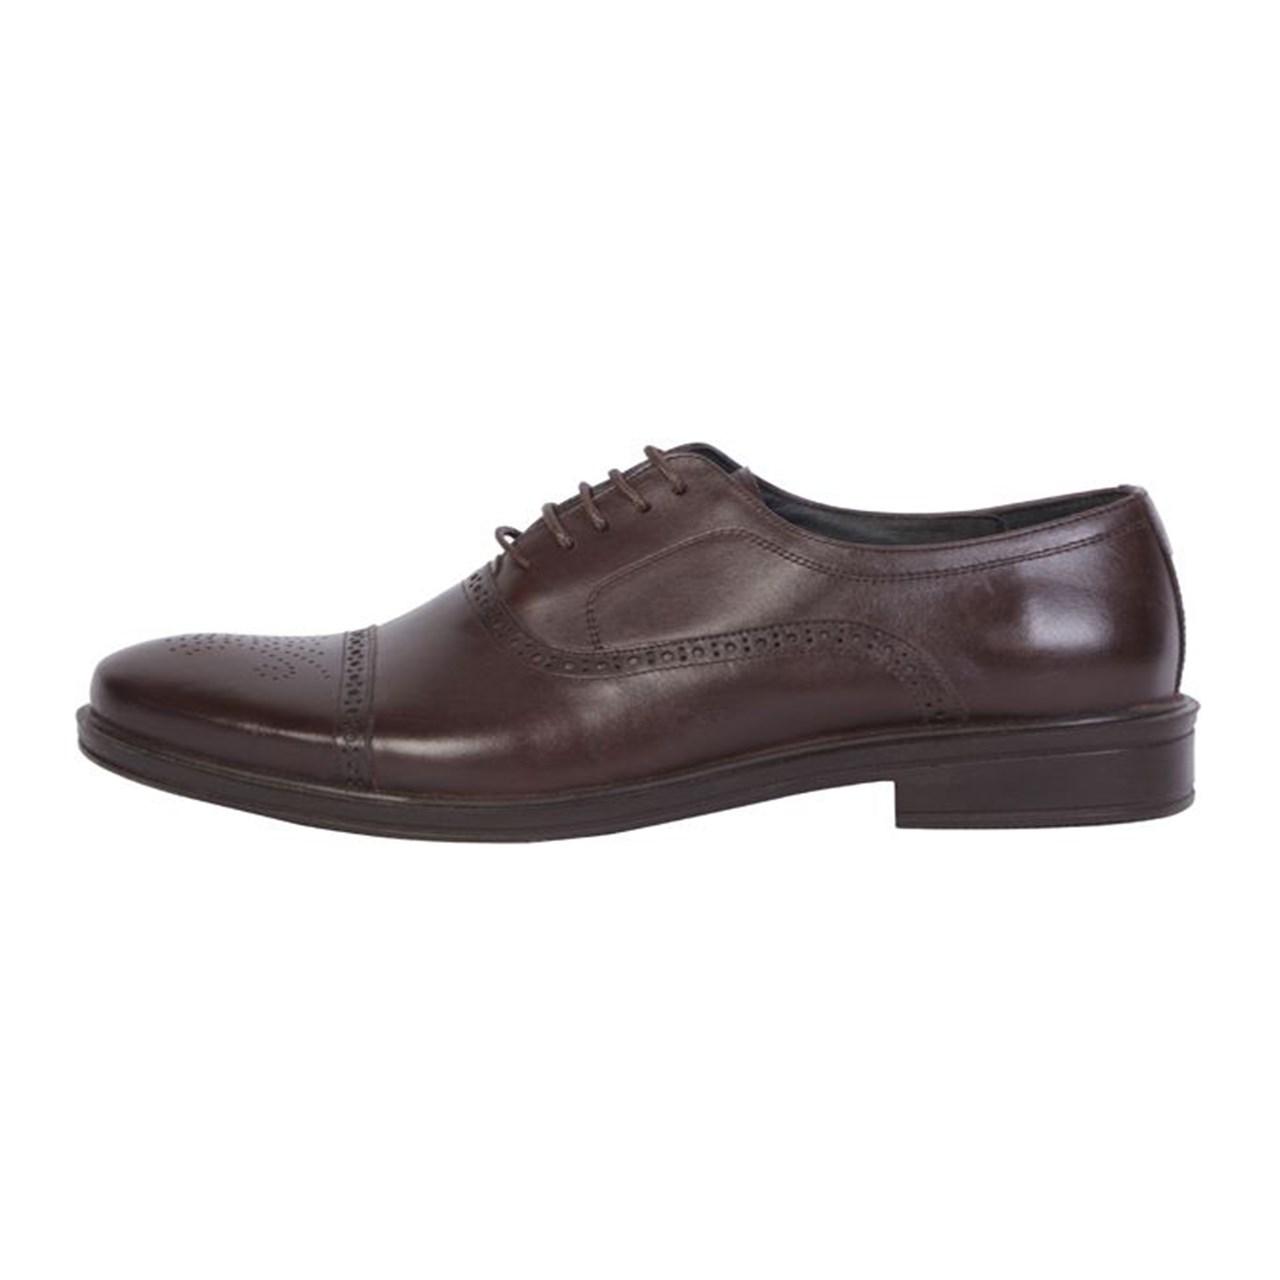 کفش چرم مردانه  مهاجر مدل M23GH